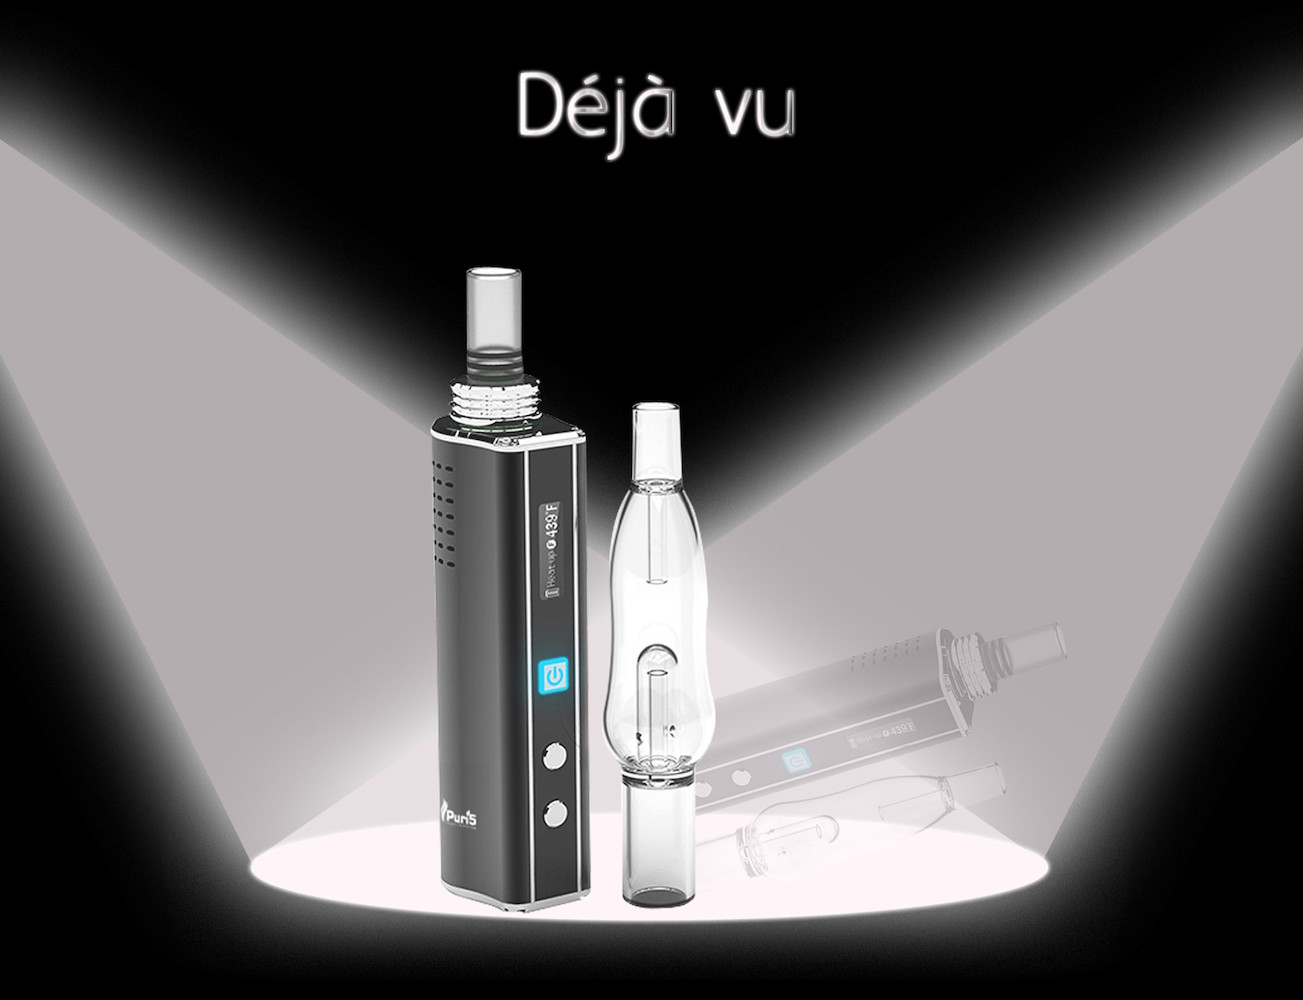 deja-vu-water-filtration-vaporizer-01